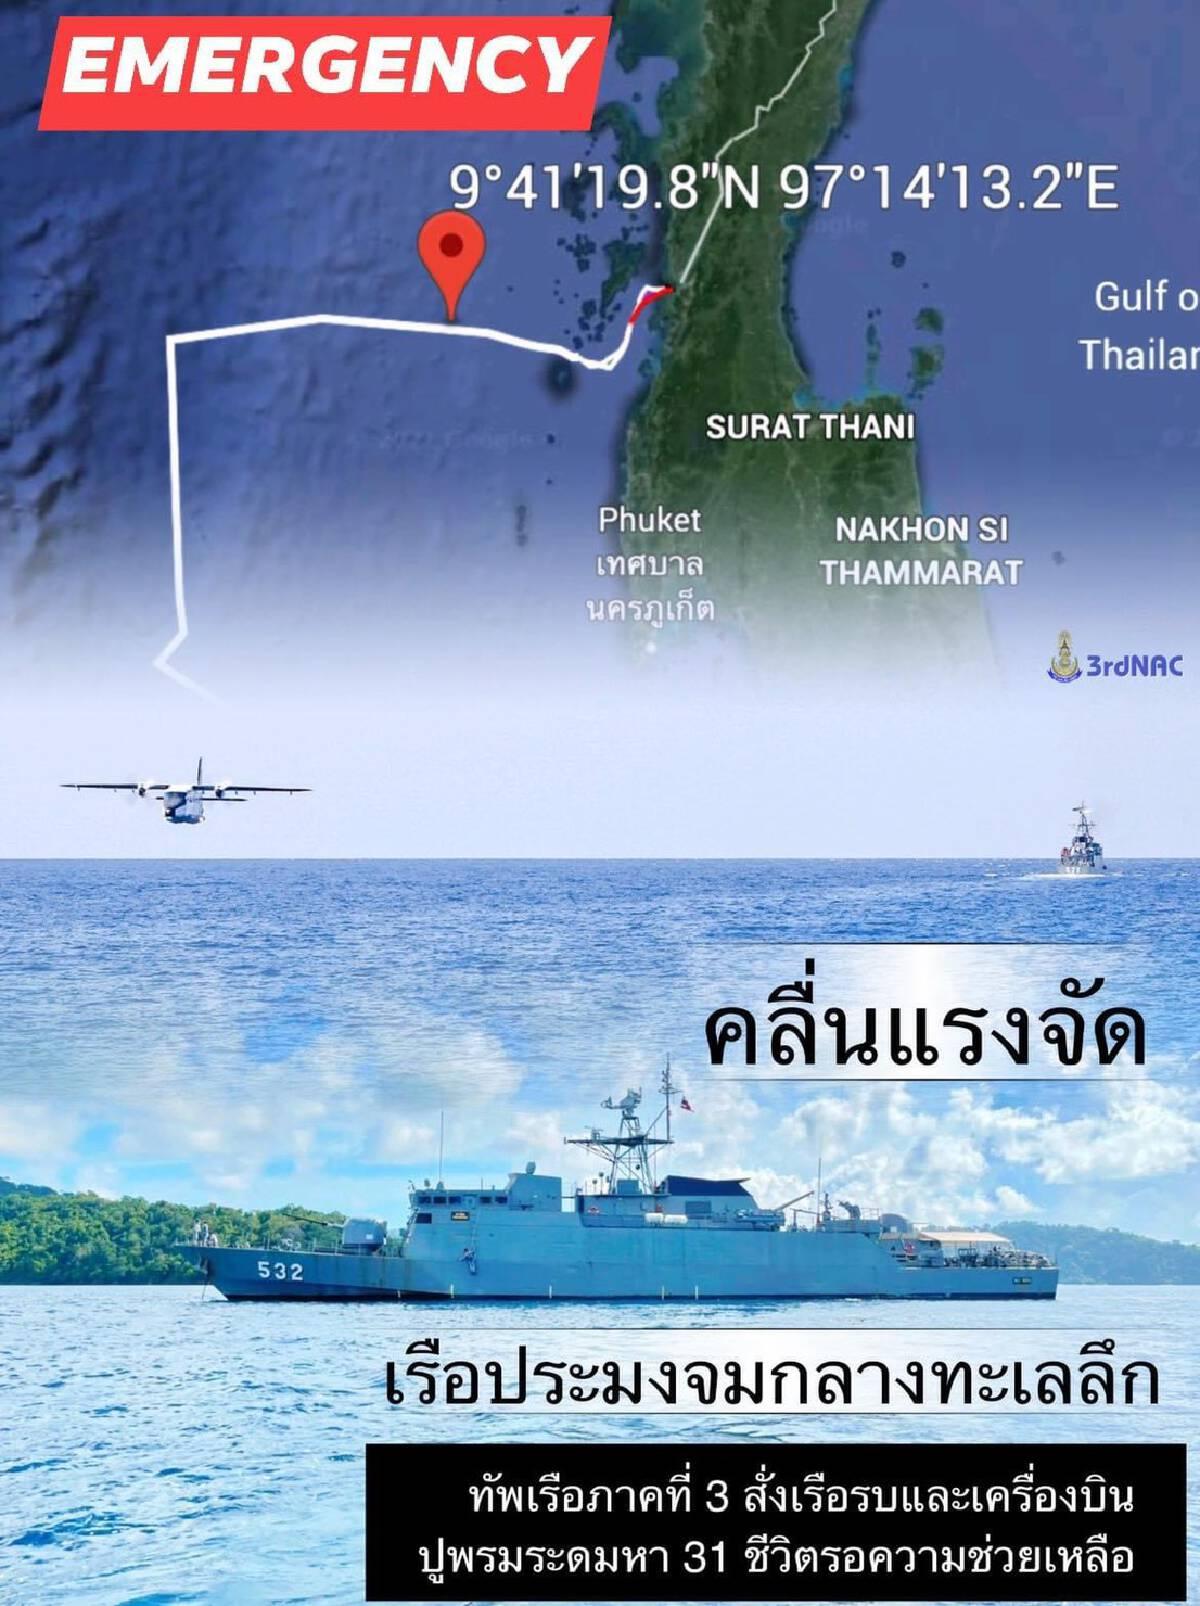 พบแล้วเรือประมงขาดการติดต่อกลางทะเลอันดามัน ลูกเรือ 31 ชีวิตปลอดภัย